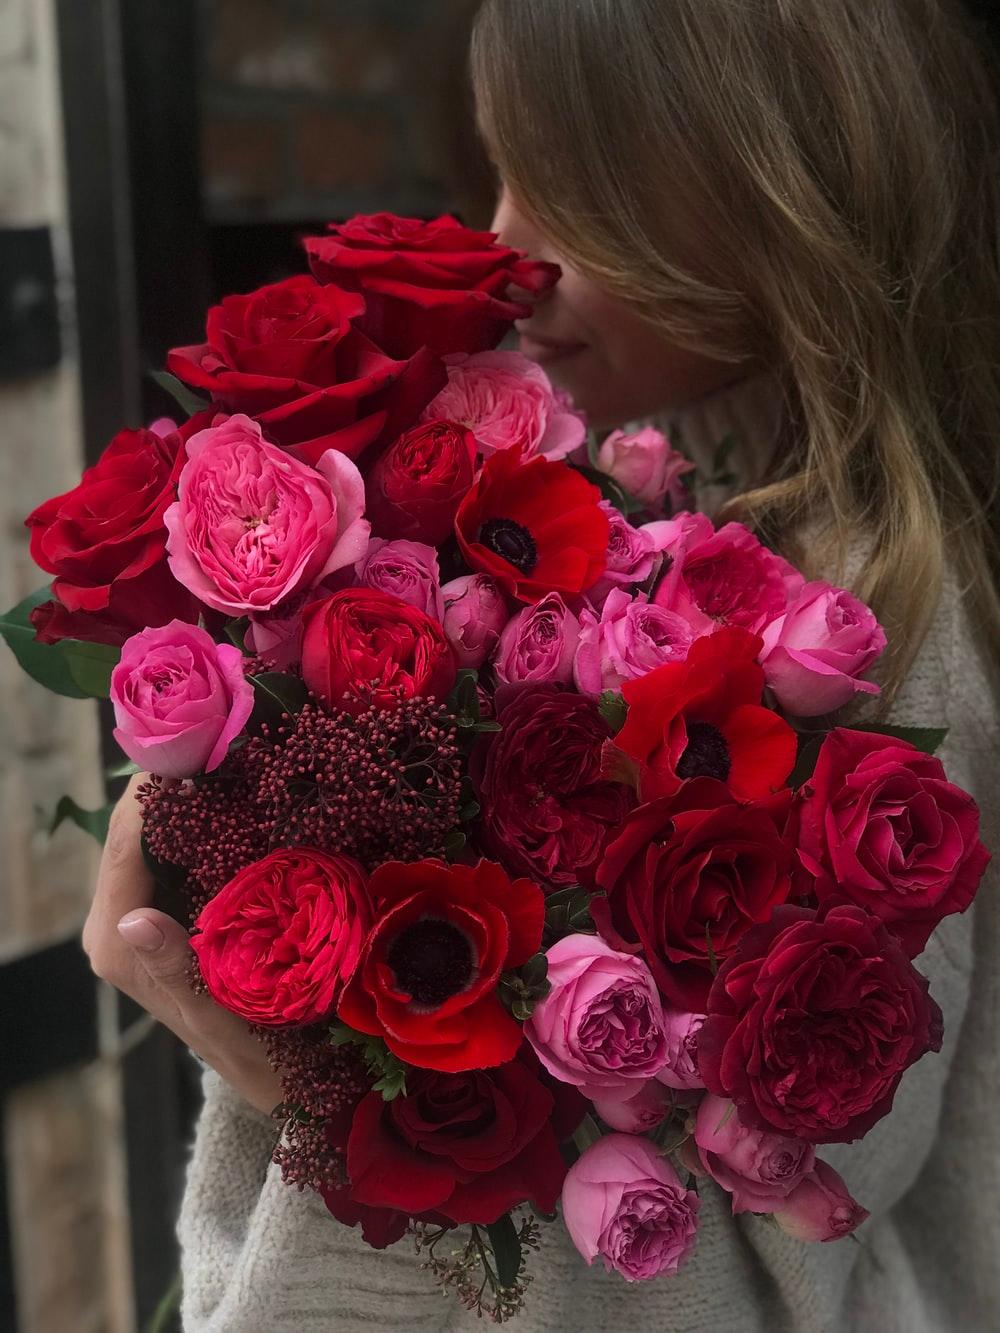 صور ورد واجمل صور ورود وزهور وازهار طبيعية جميلة ورائعة Zina Blog Flower Delivery Online Flower Delivery Floral